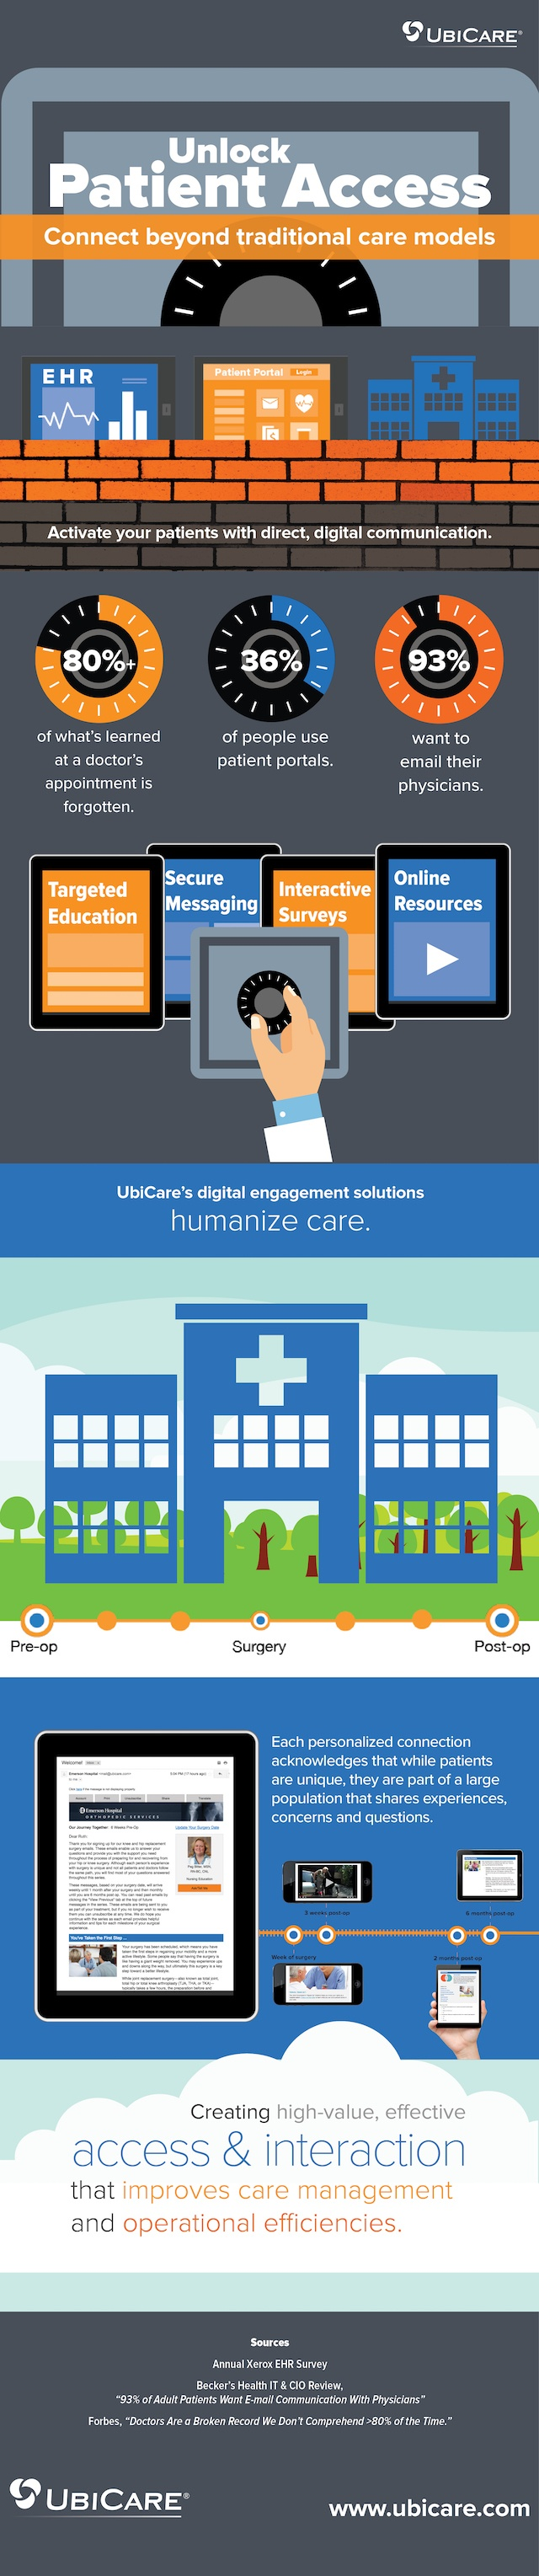 Unlock_Patient_Access_infographic_640px.jpeg